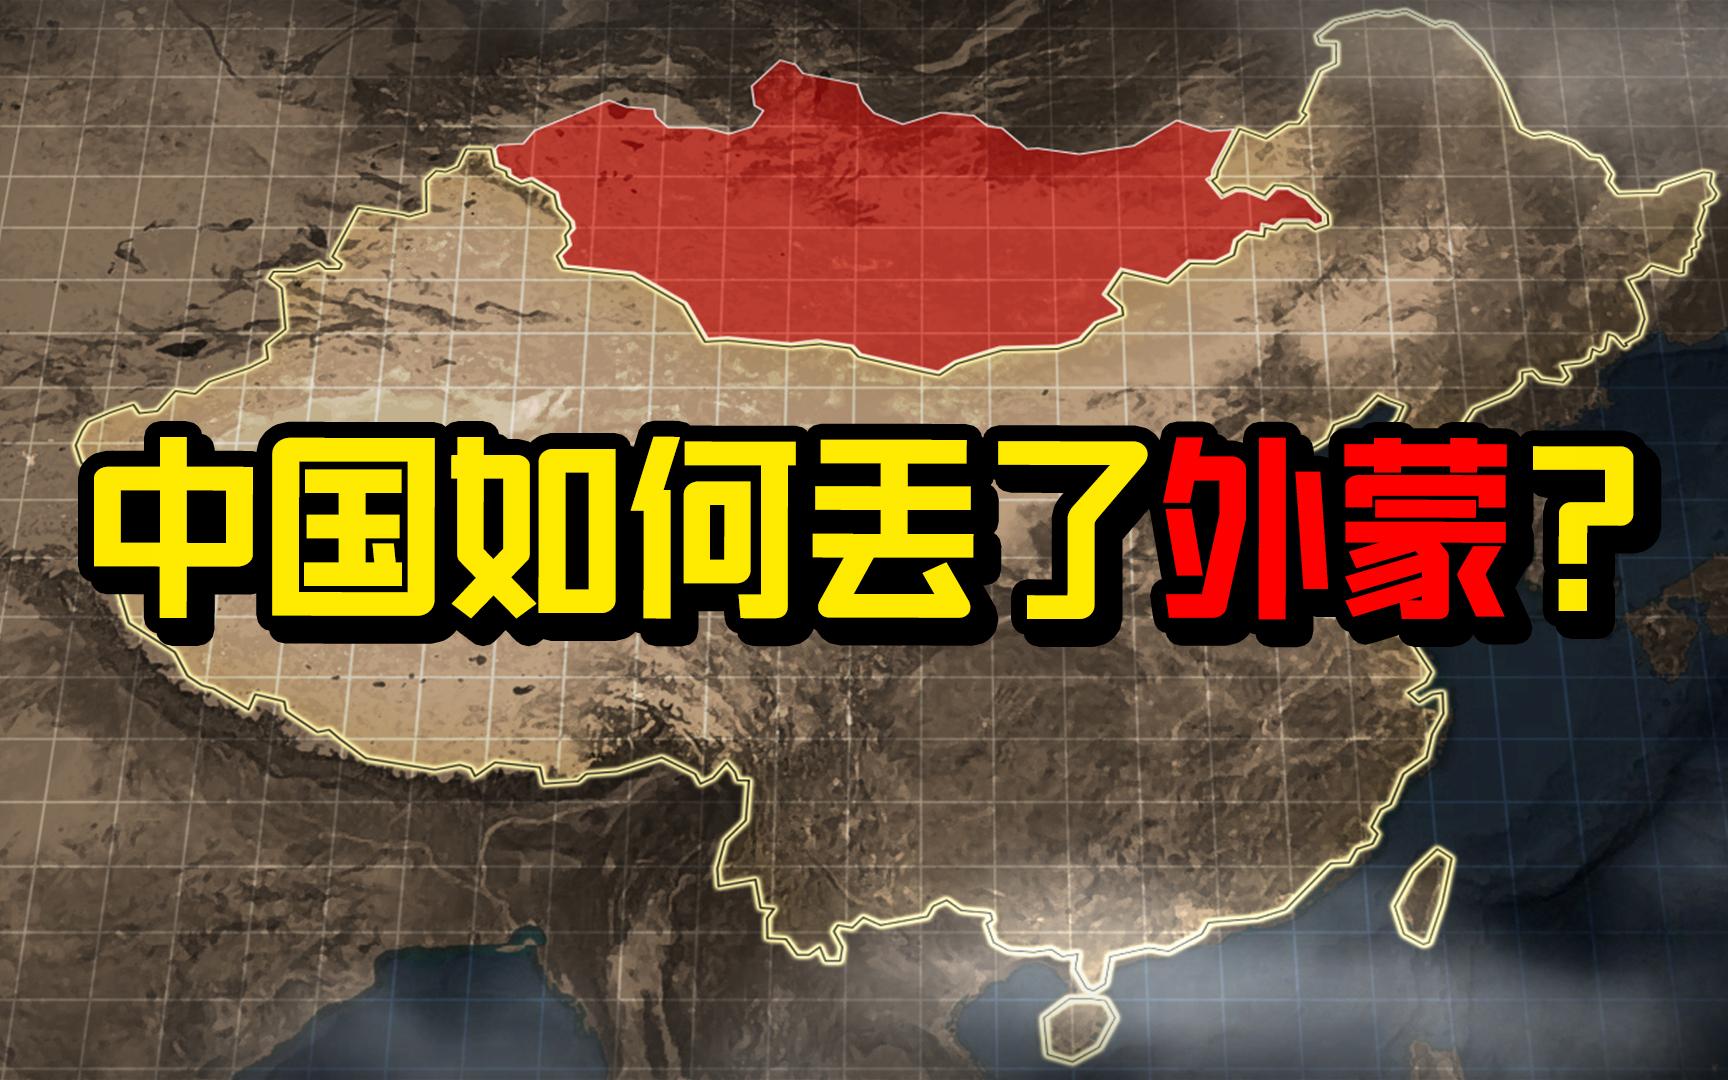 外蒙是怎么脱离中国的?现在还有机会收复吗?